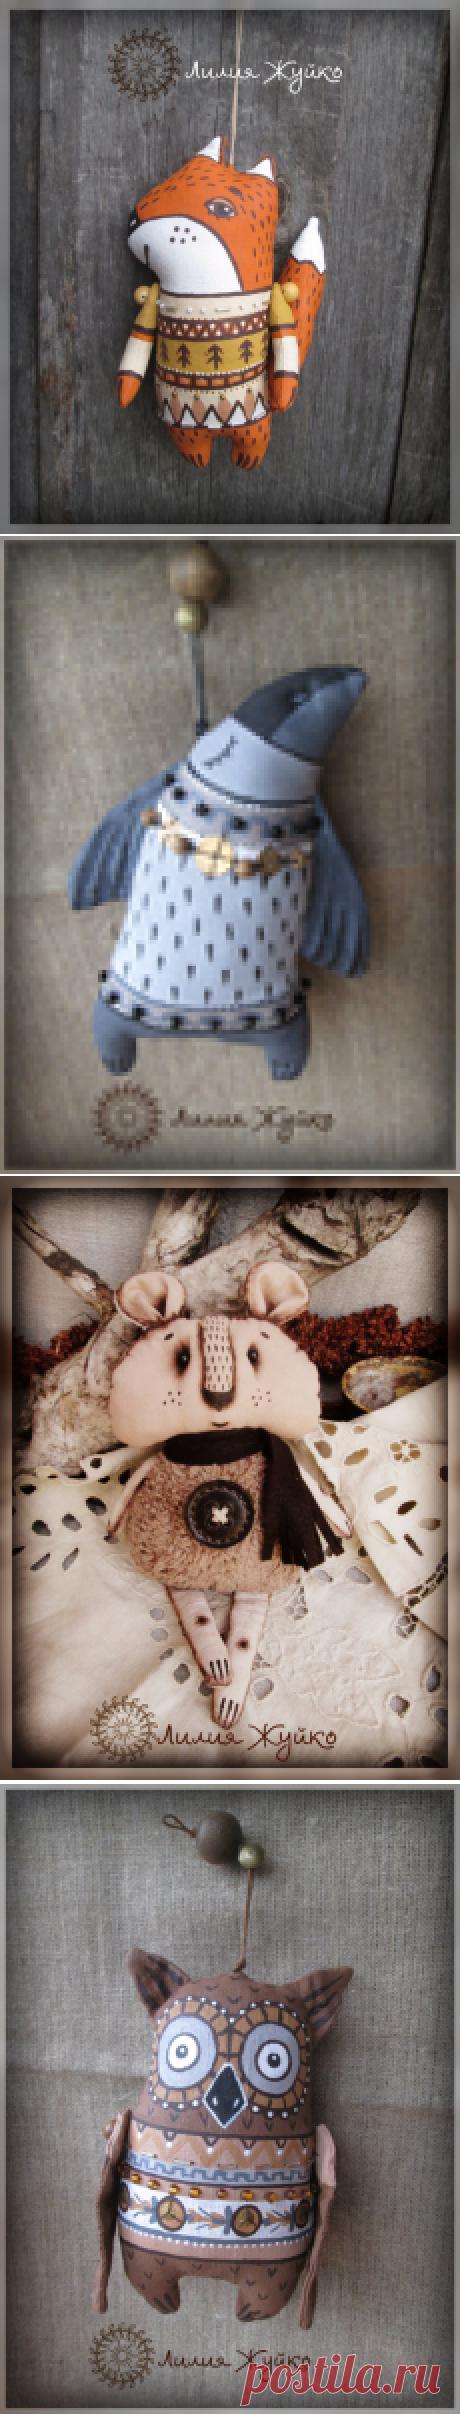 Авторские игрушки Жуйко Лилии. Алтайские зверята.